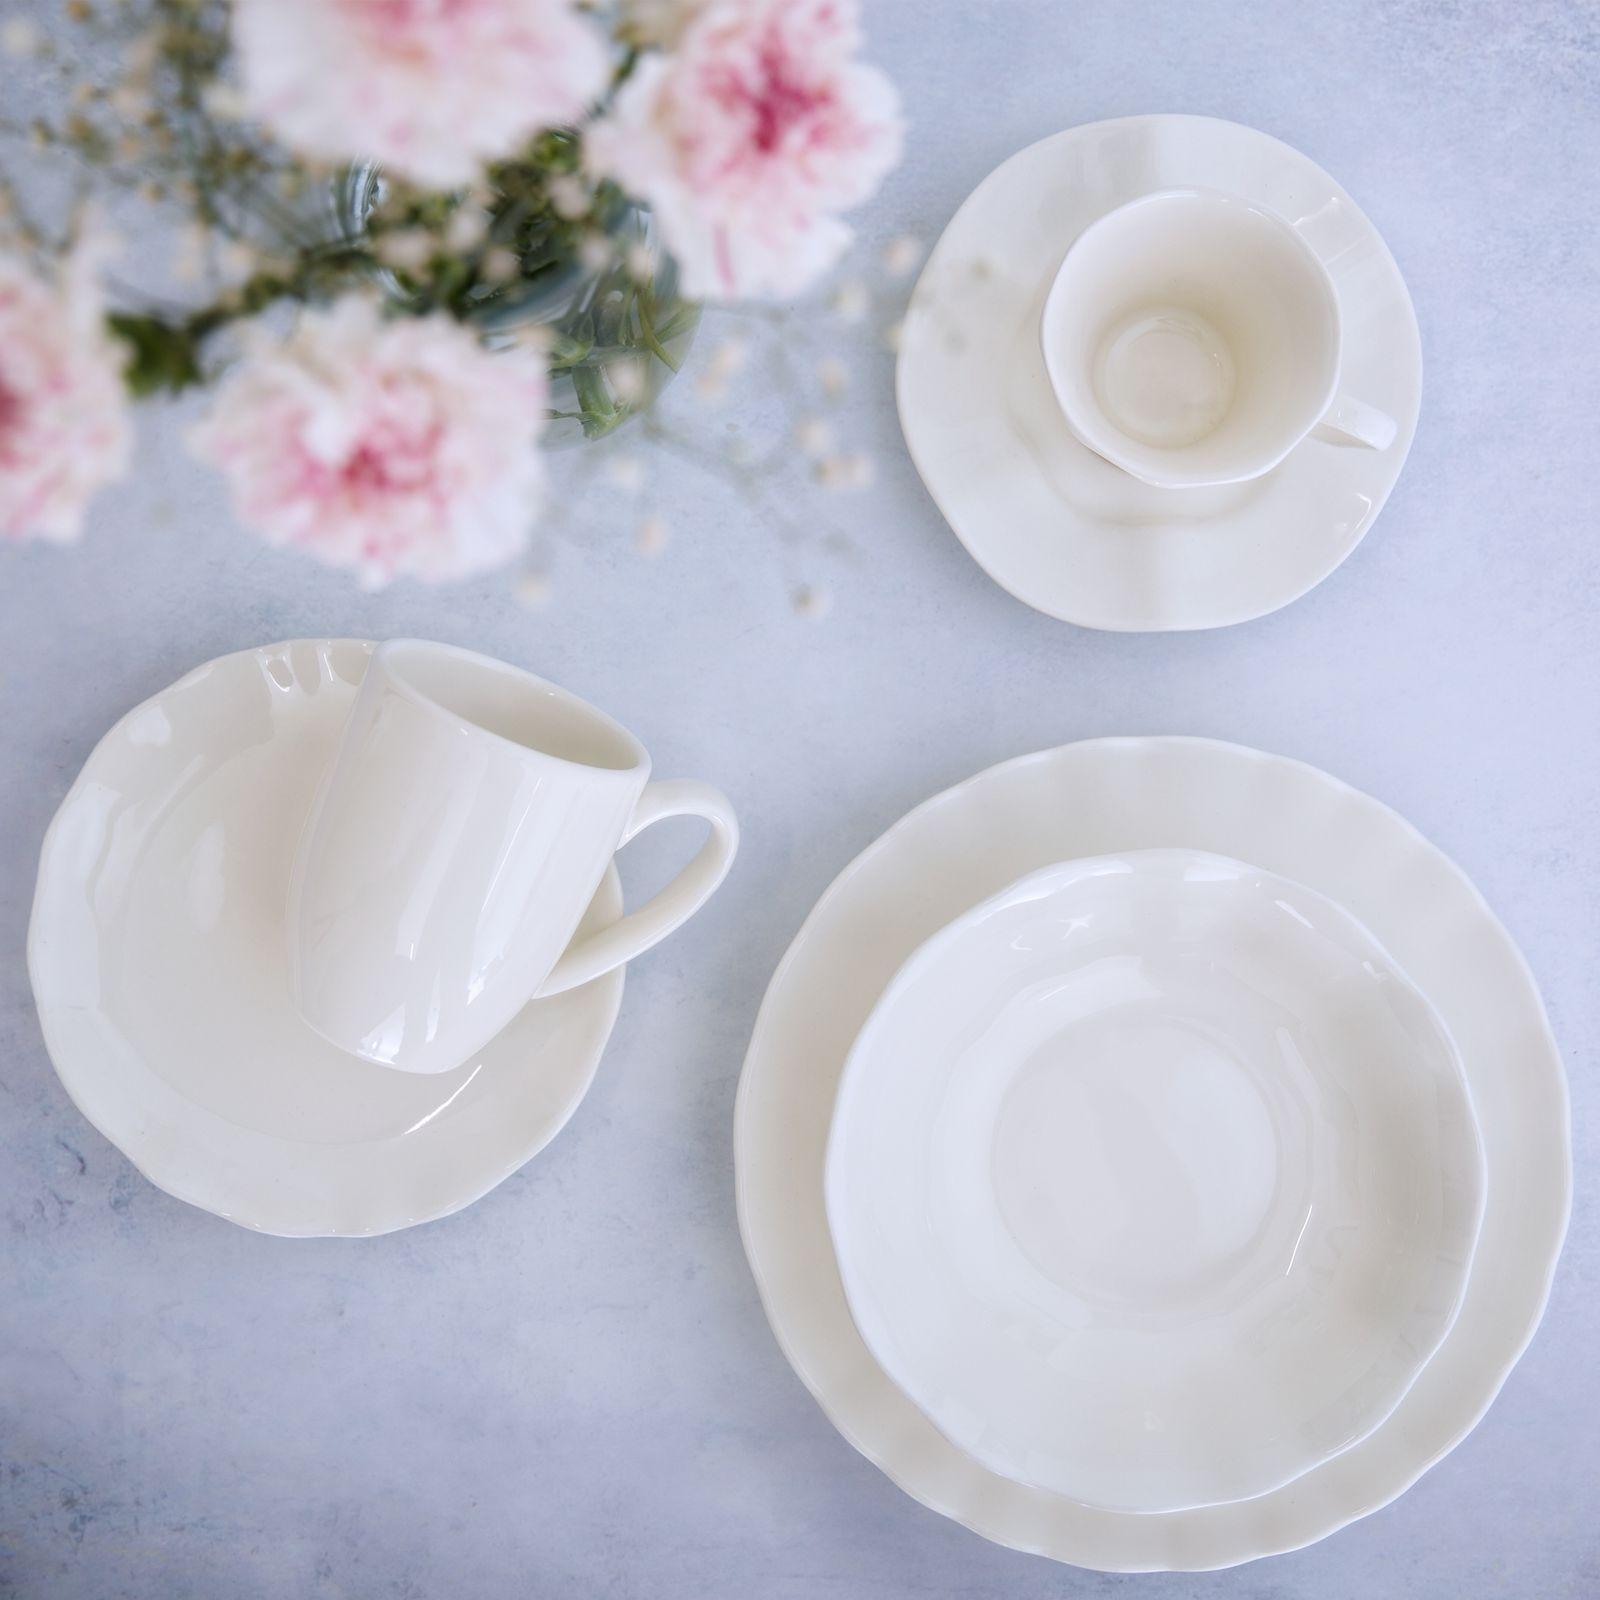 Servis Diana Rustic Cream 36 delar AMBITION